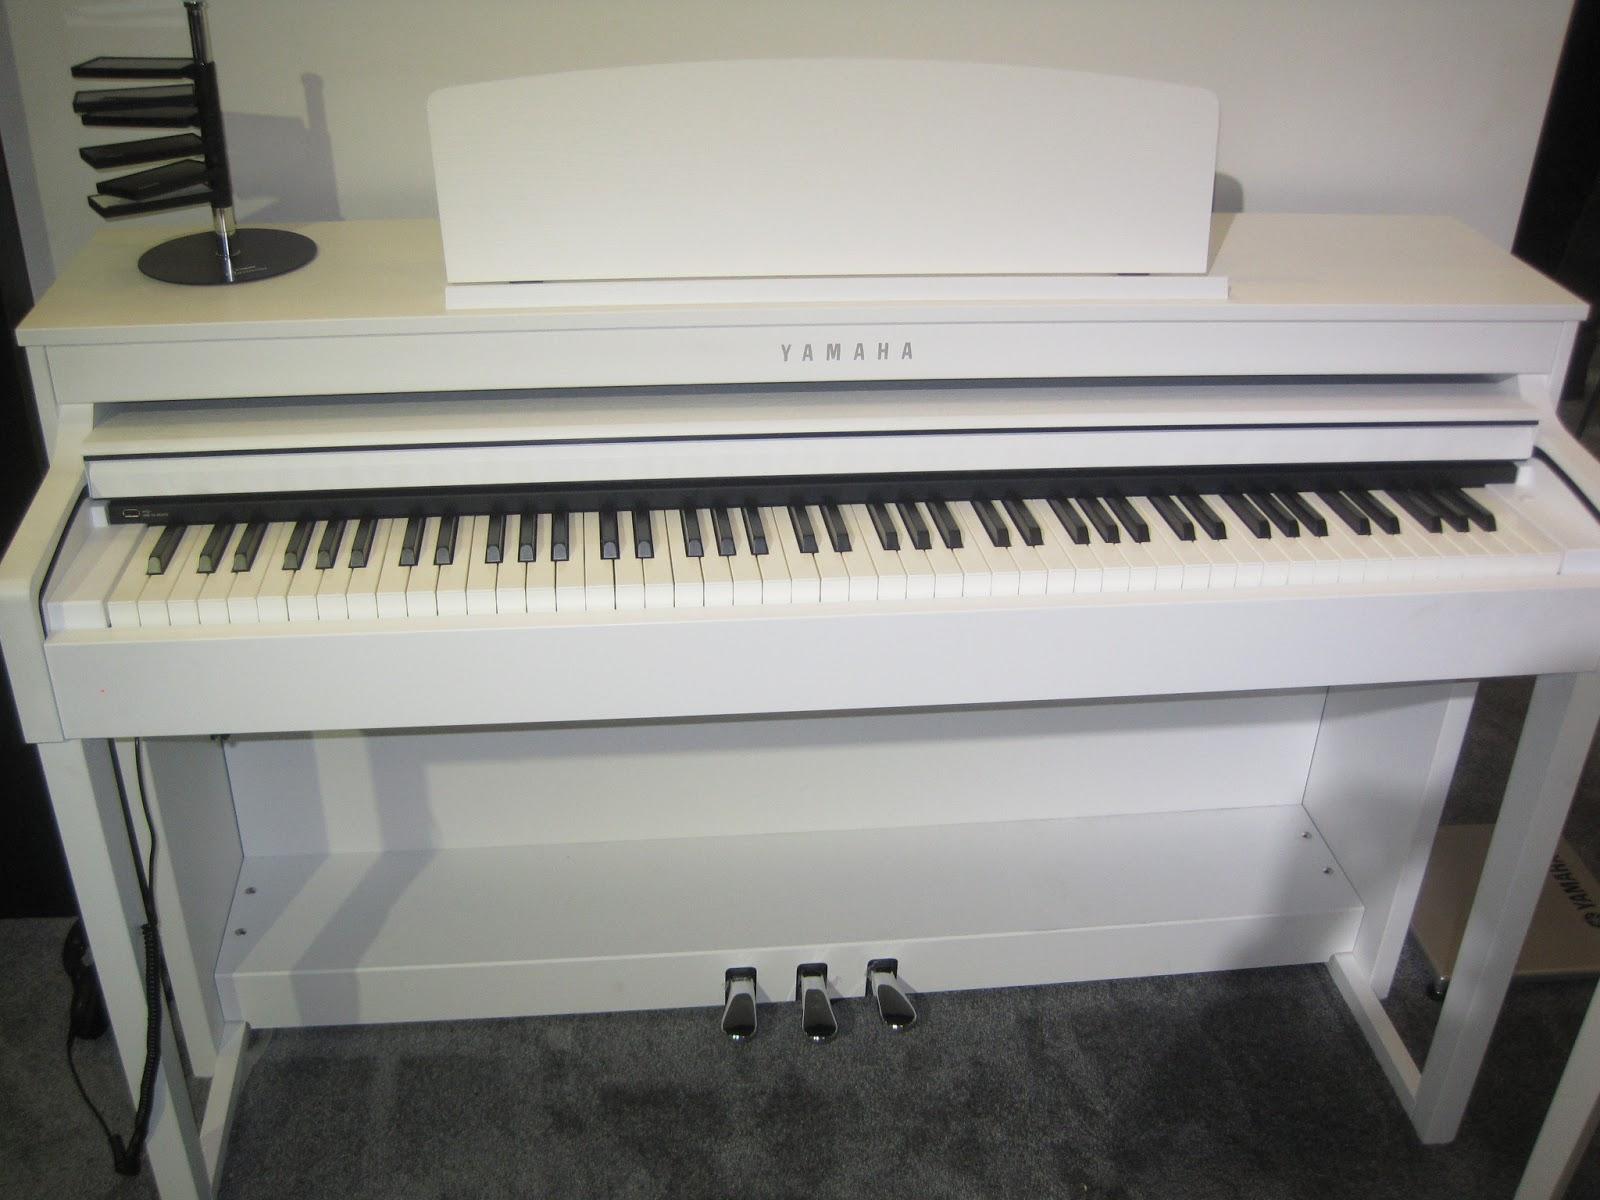 Yamaha White Digital Piano